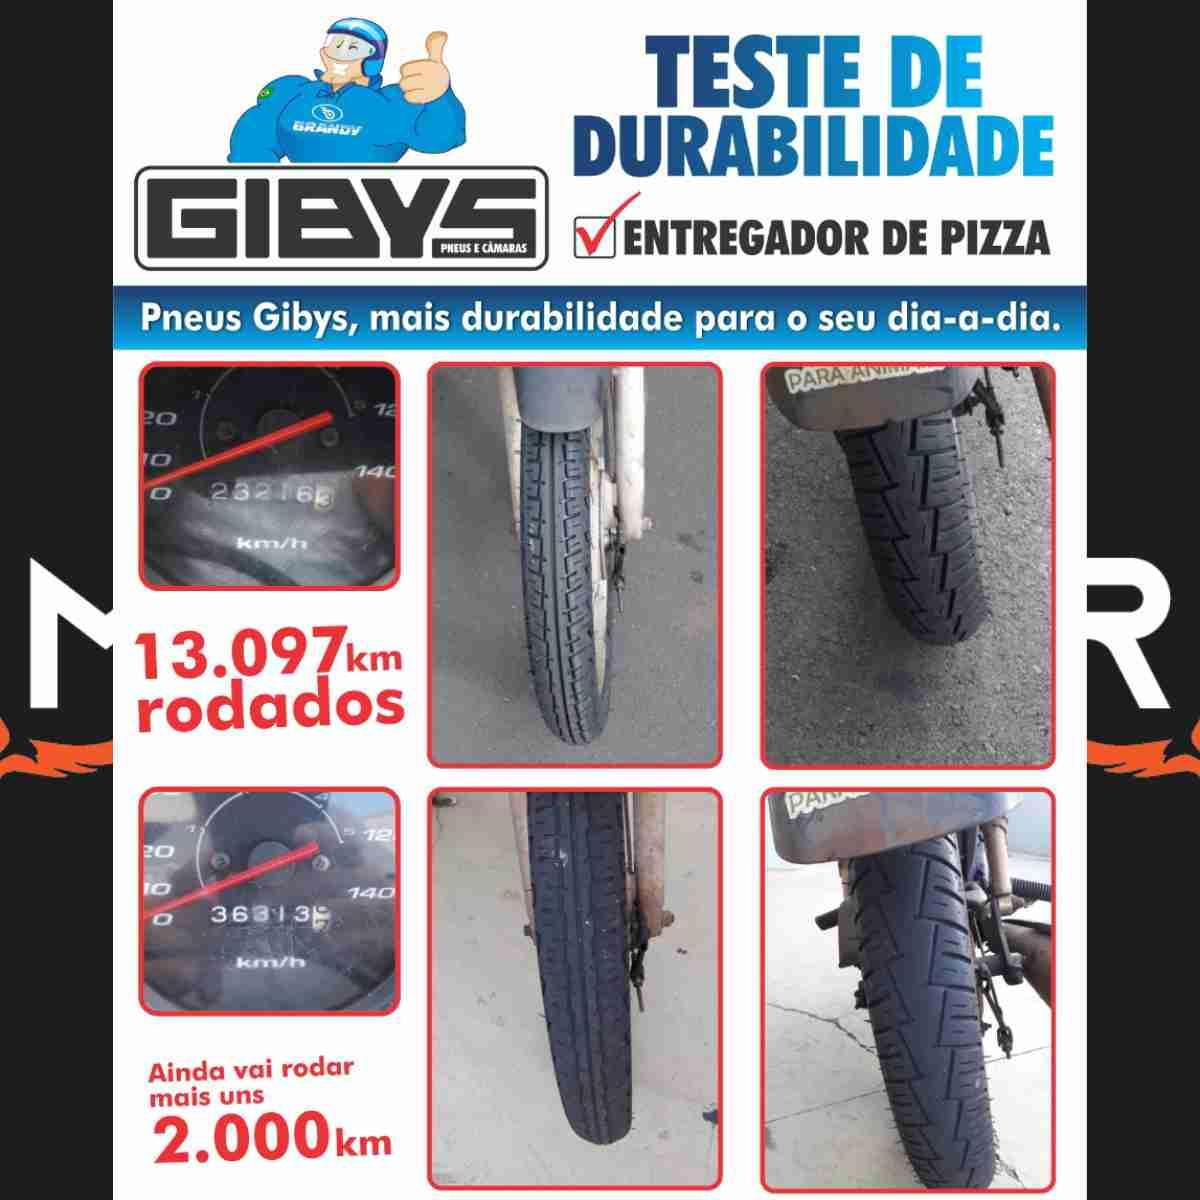 PNEU DE MOTO BRANDY GIBYS BYCITYPOWER TRASEIRO 90/90-18 51P USO COM CÂMARA